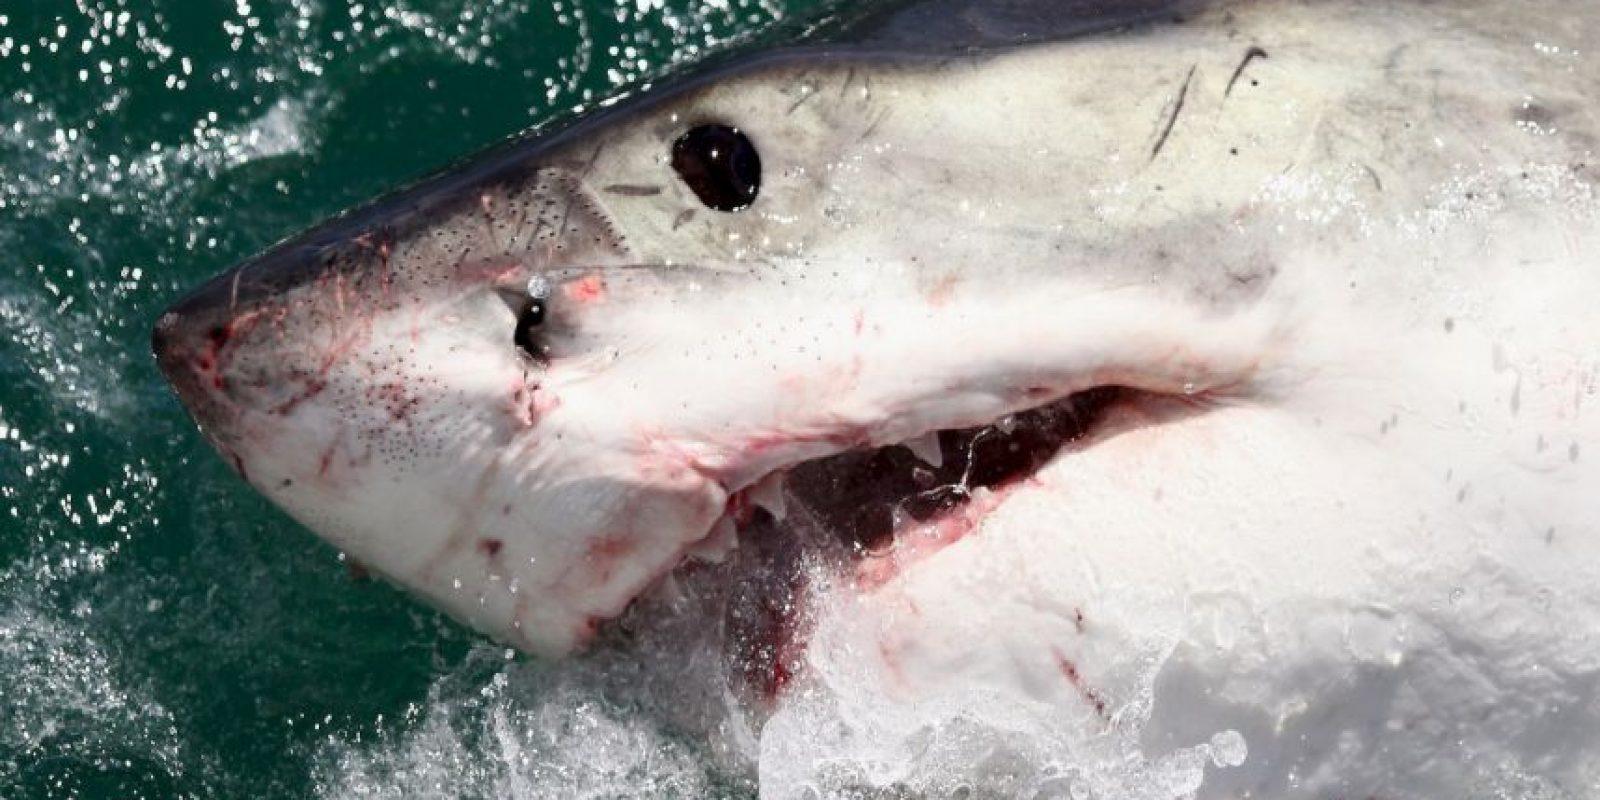 El tiburón utilizó sus mandíbulas y cola, para moder y sacudir de forma violenta el bote. Foto:Getty Images